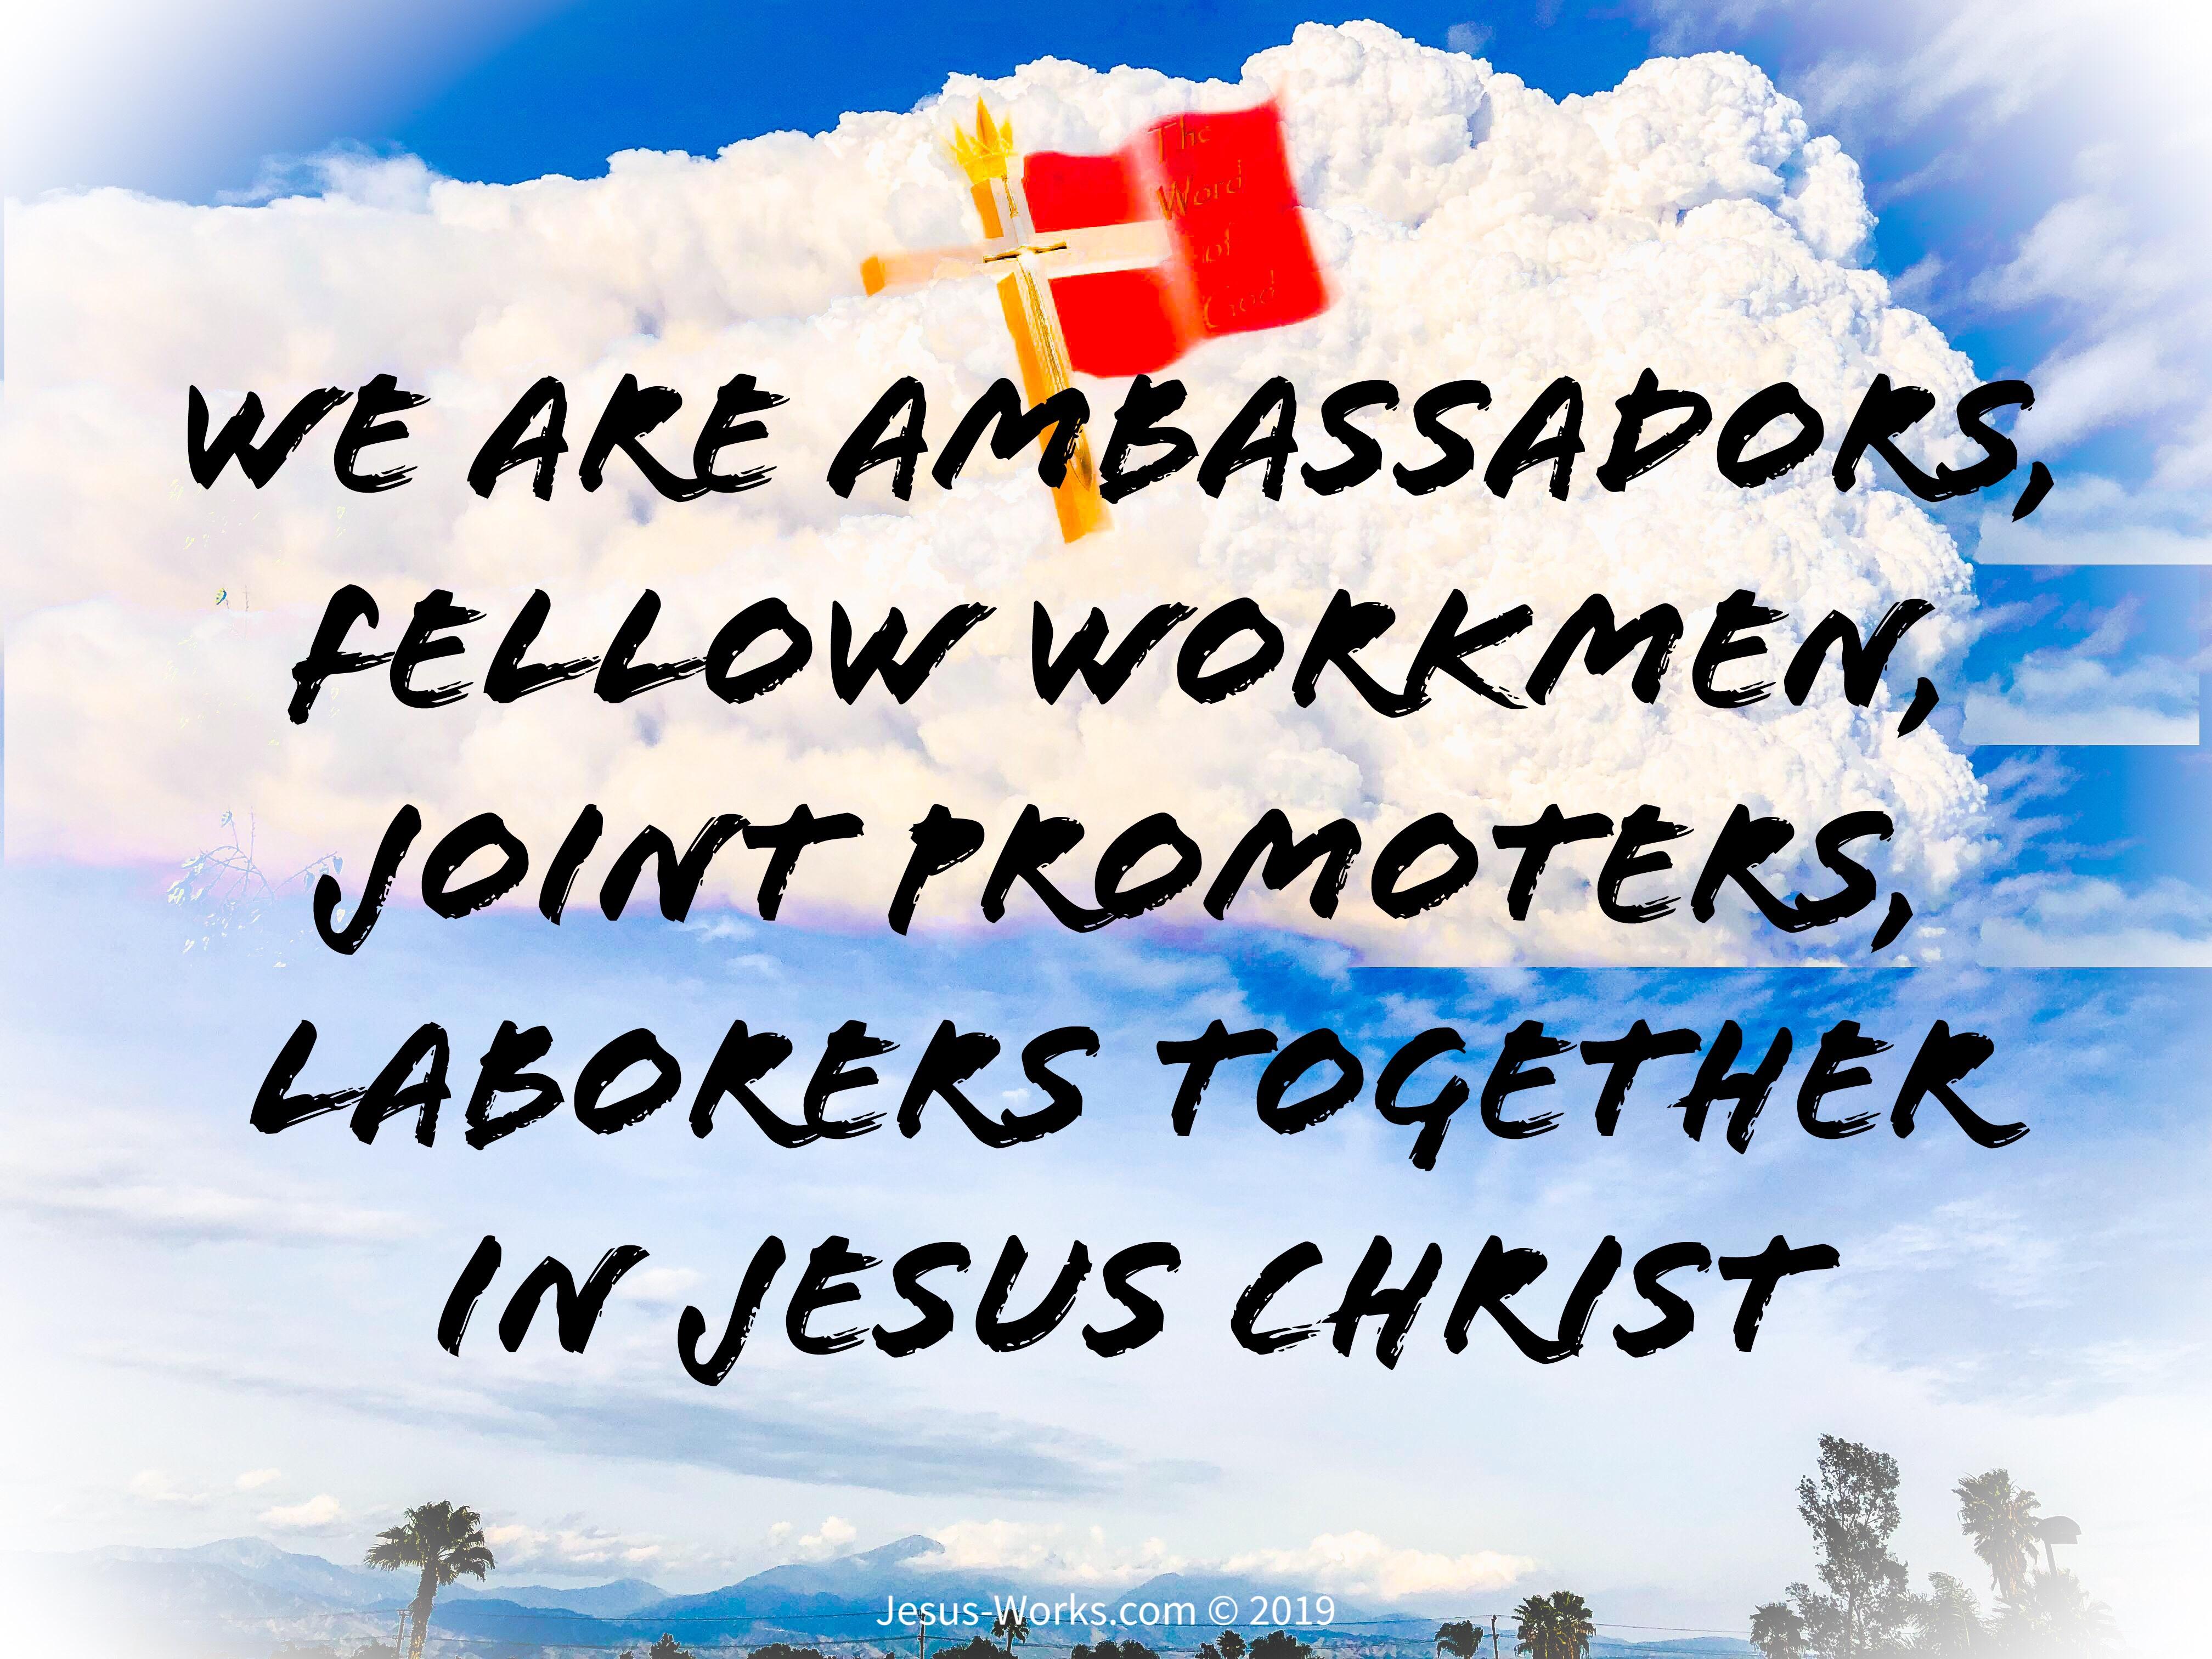 Jesus-Works.com